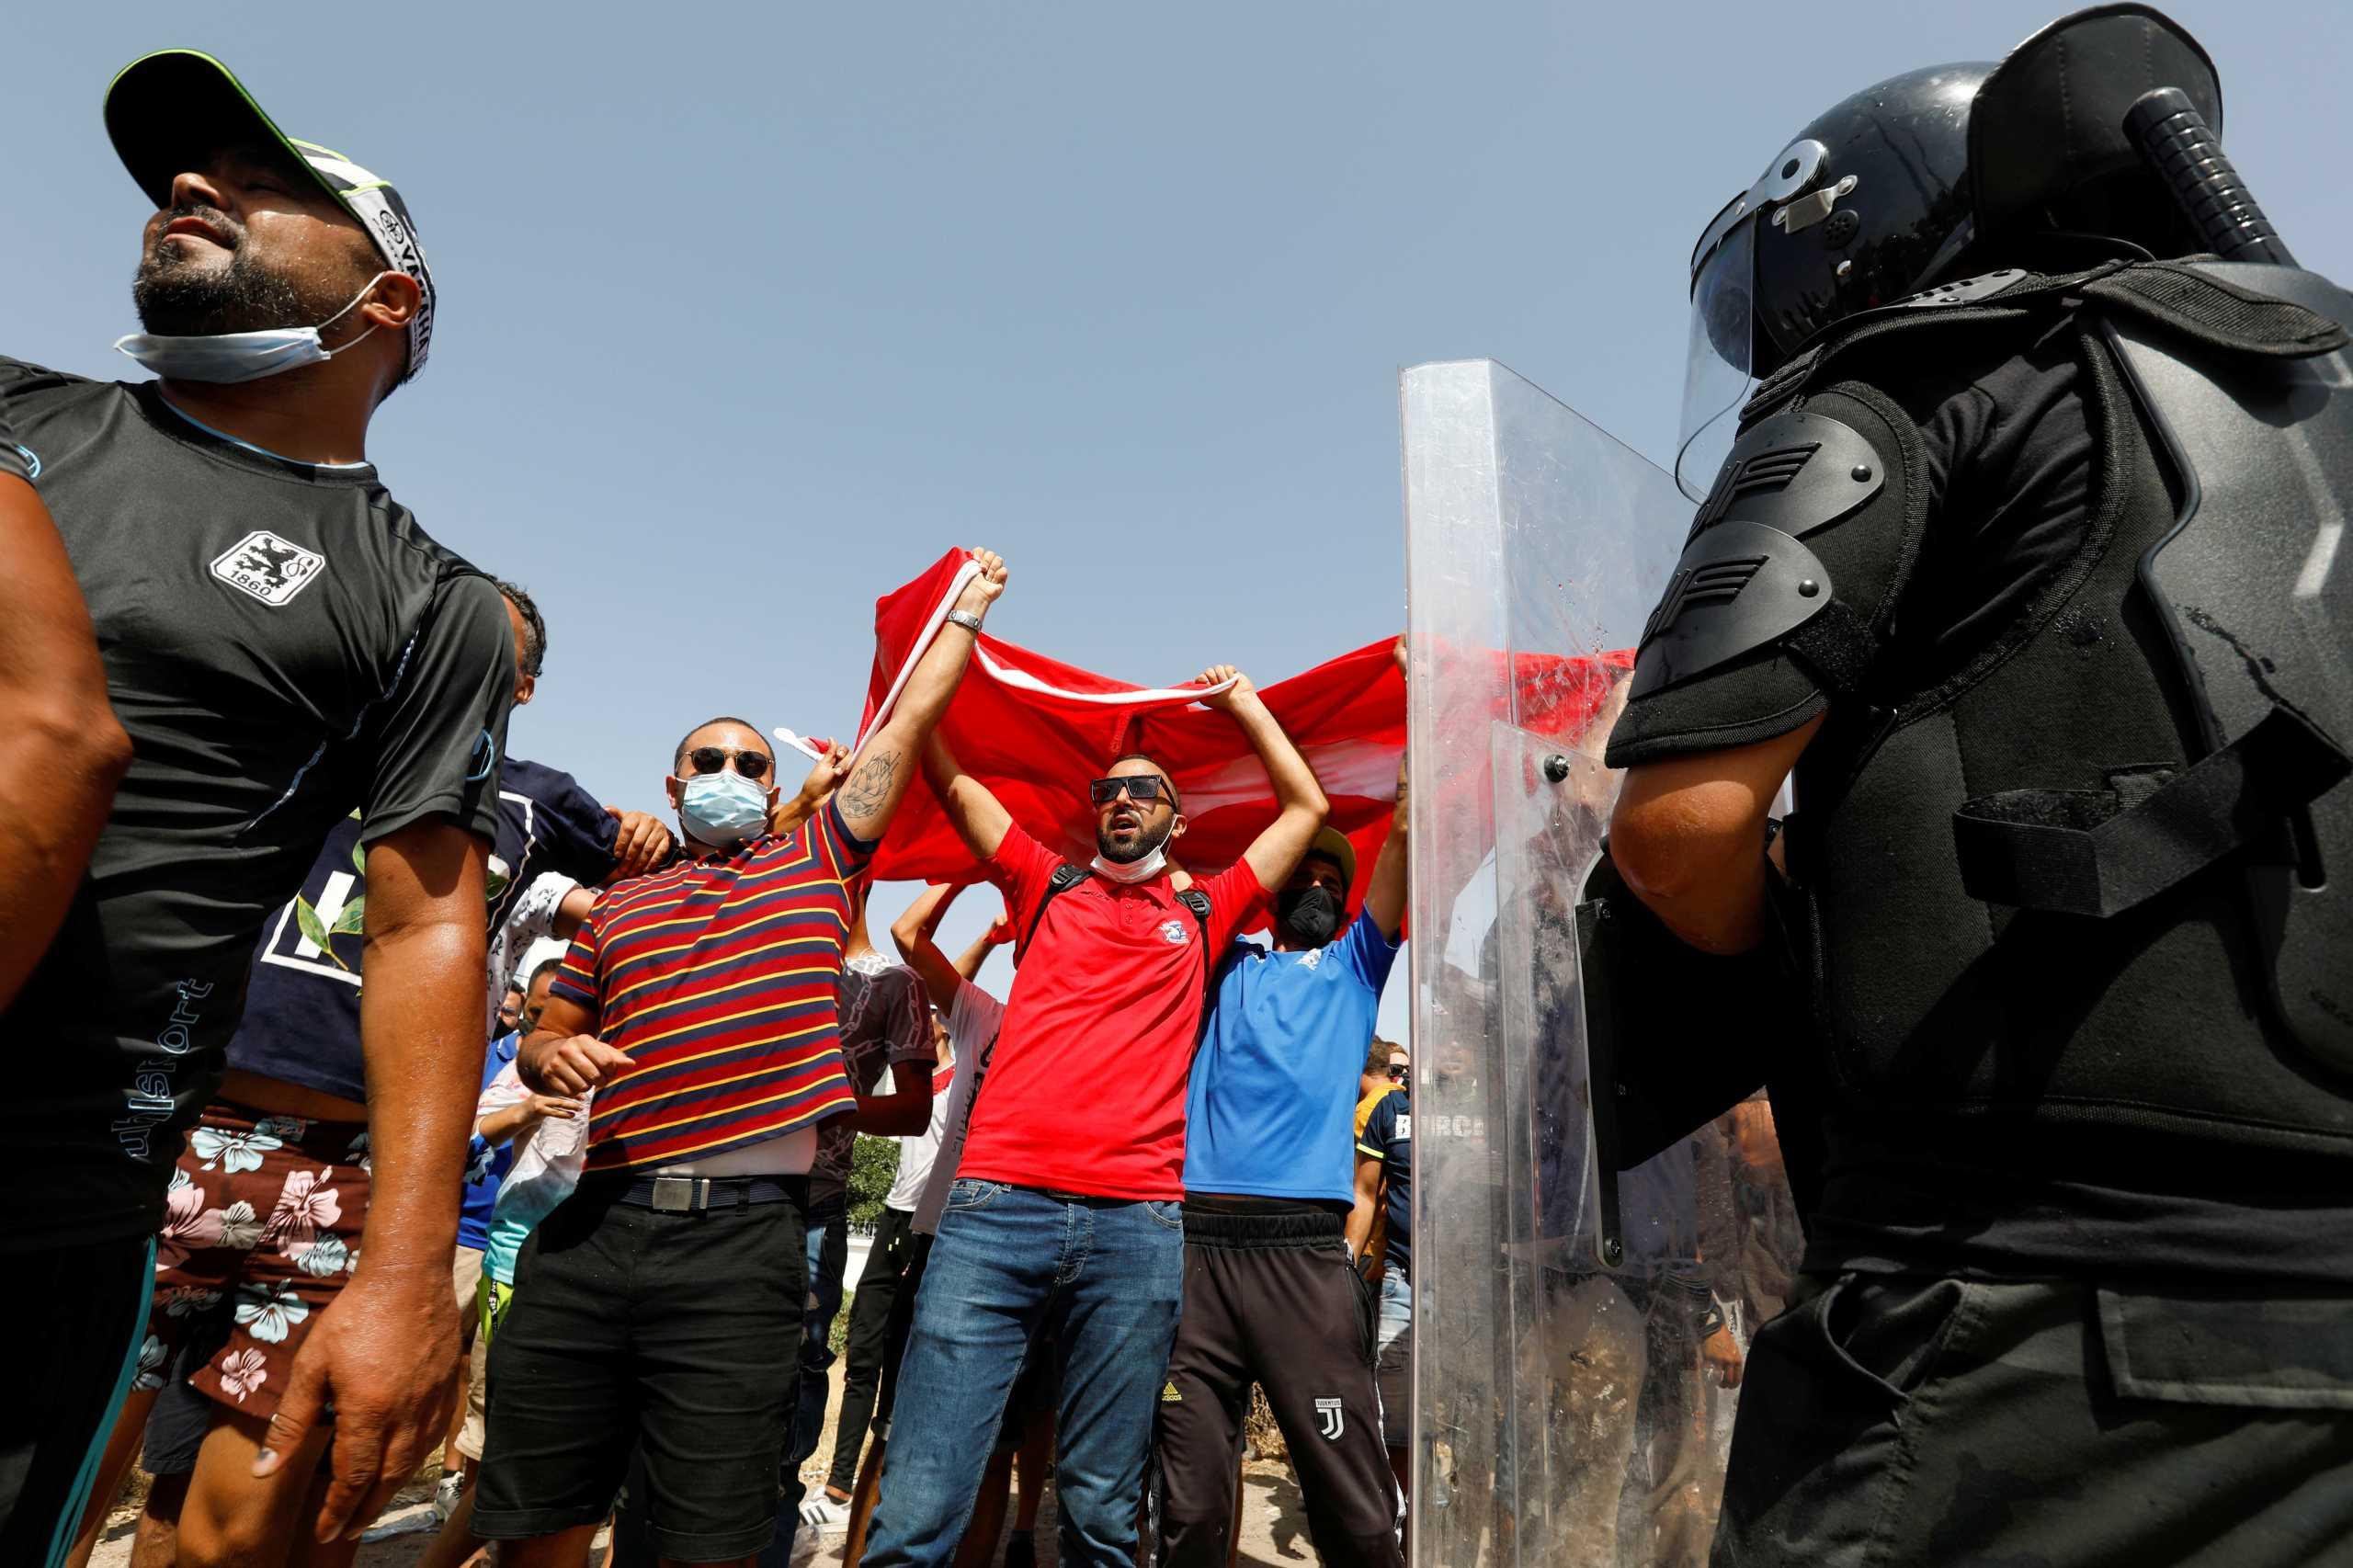 Τυνησία: Ο στρατός περικύκλωσε το πρωθυπουργικό μέγαρο – Μαζικές διαδηλώσεις στην Τύνιδα